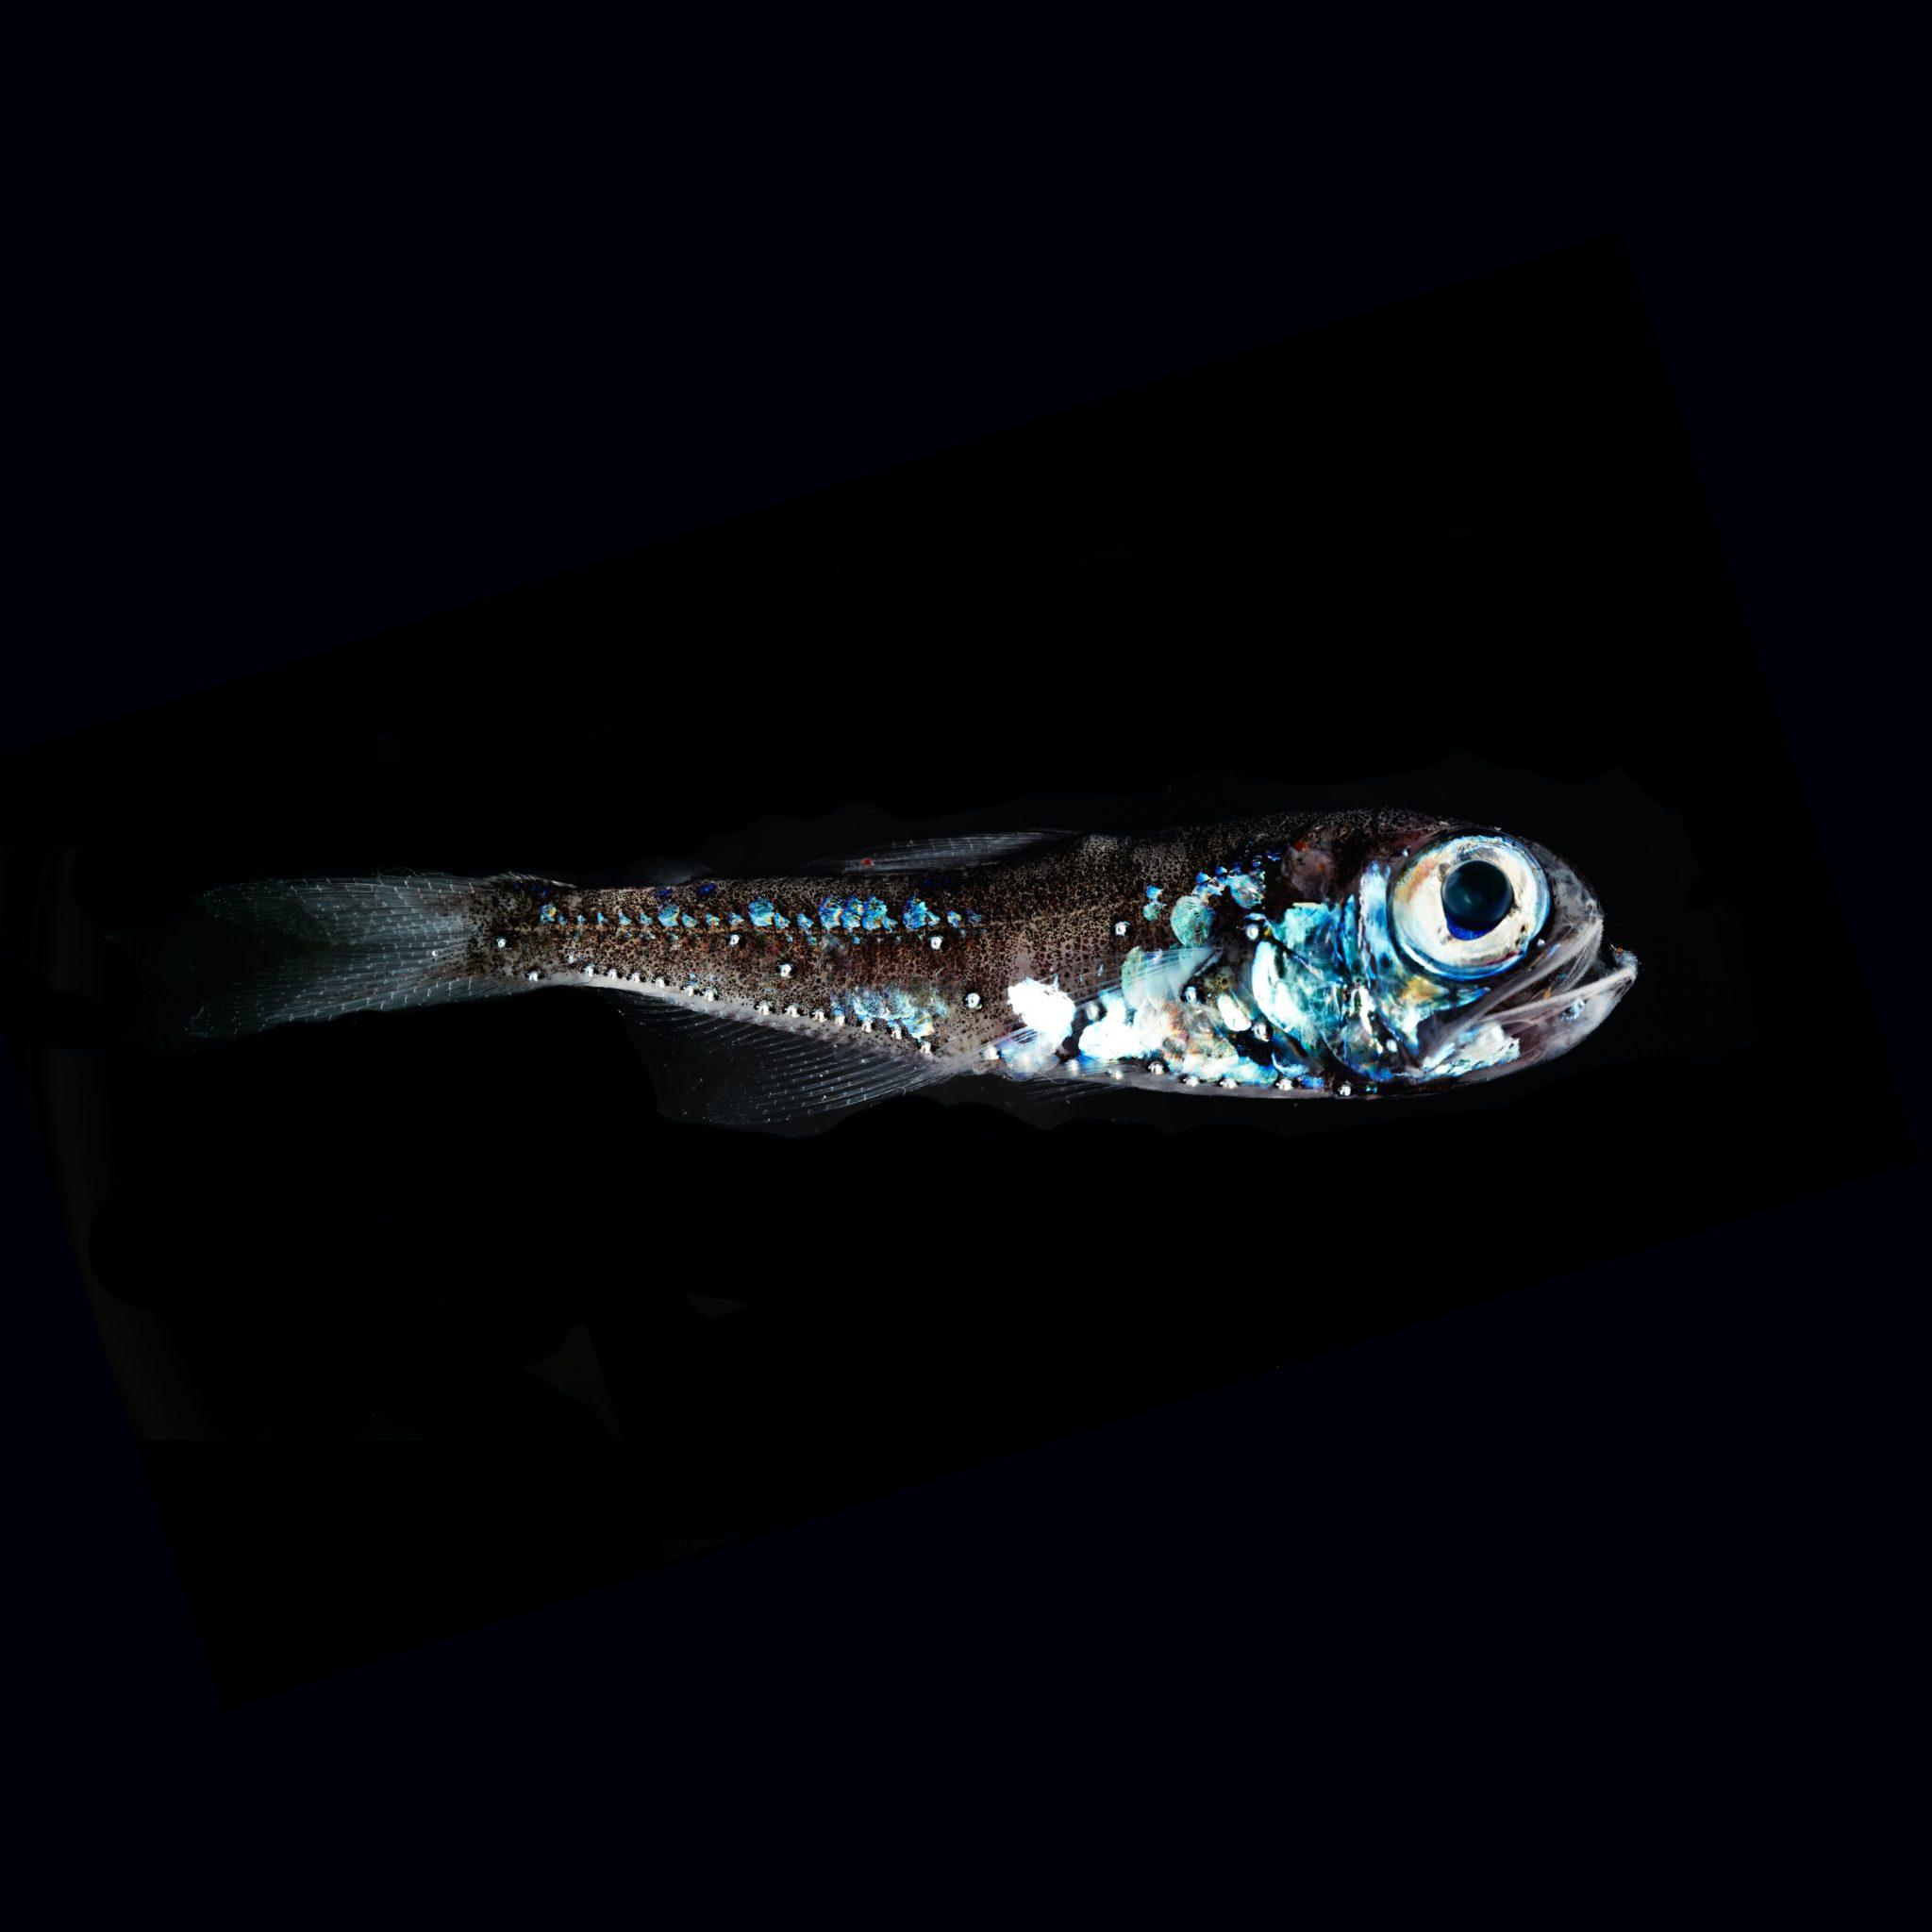 Ein kleiner Laternenfisch schwimmt durch die schwarze Tiefsee